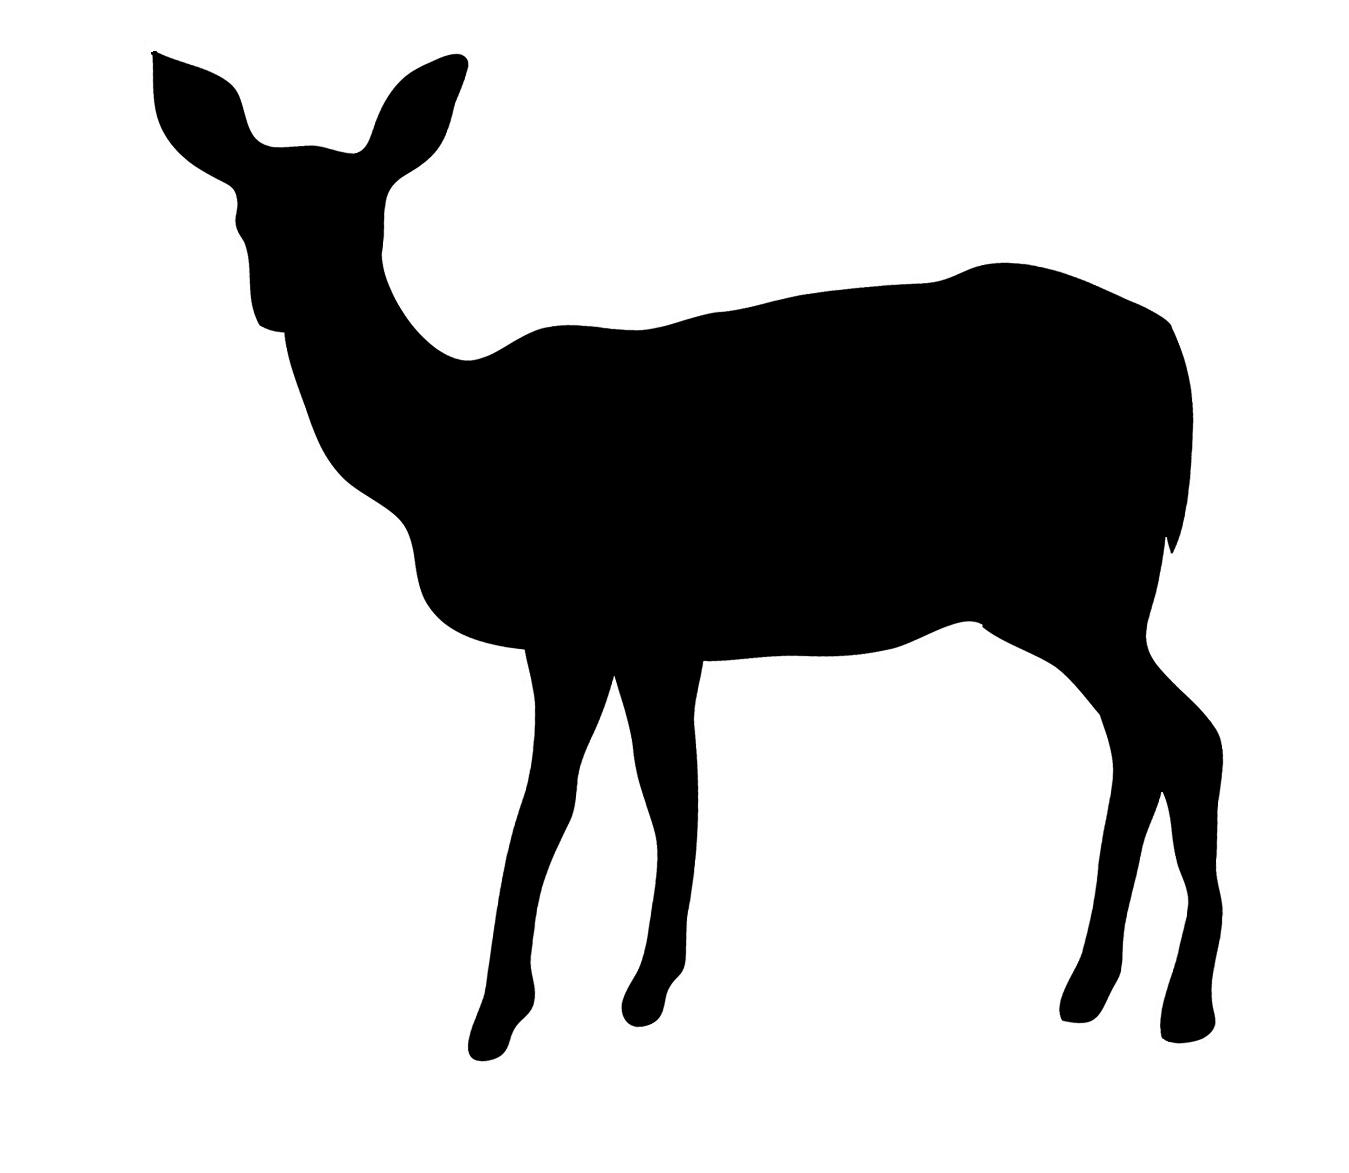 1349x1173 Deer Silhouette